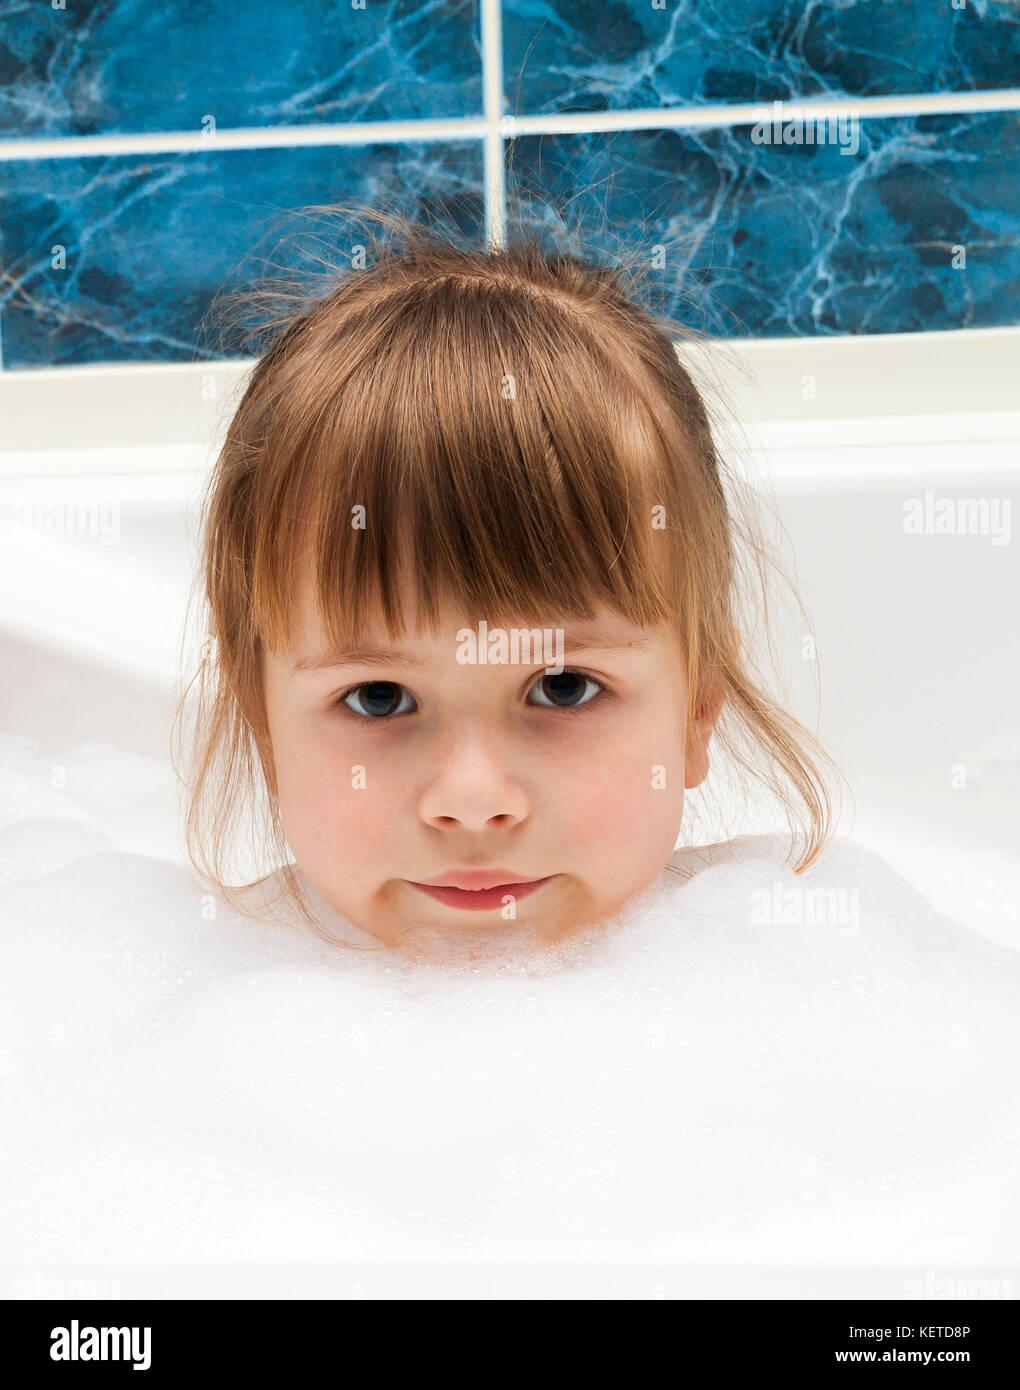 Mädchen Badewanne